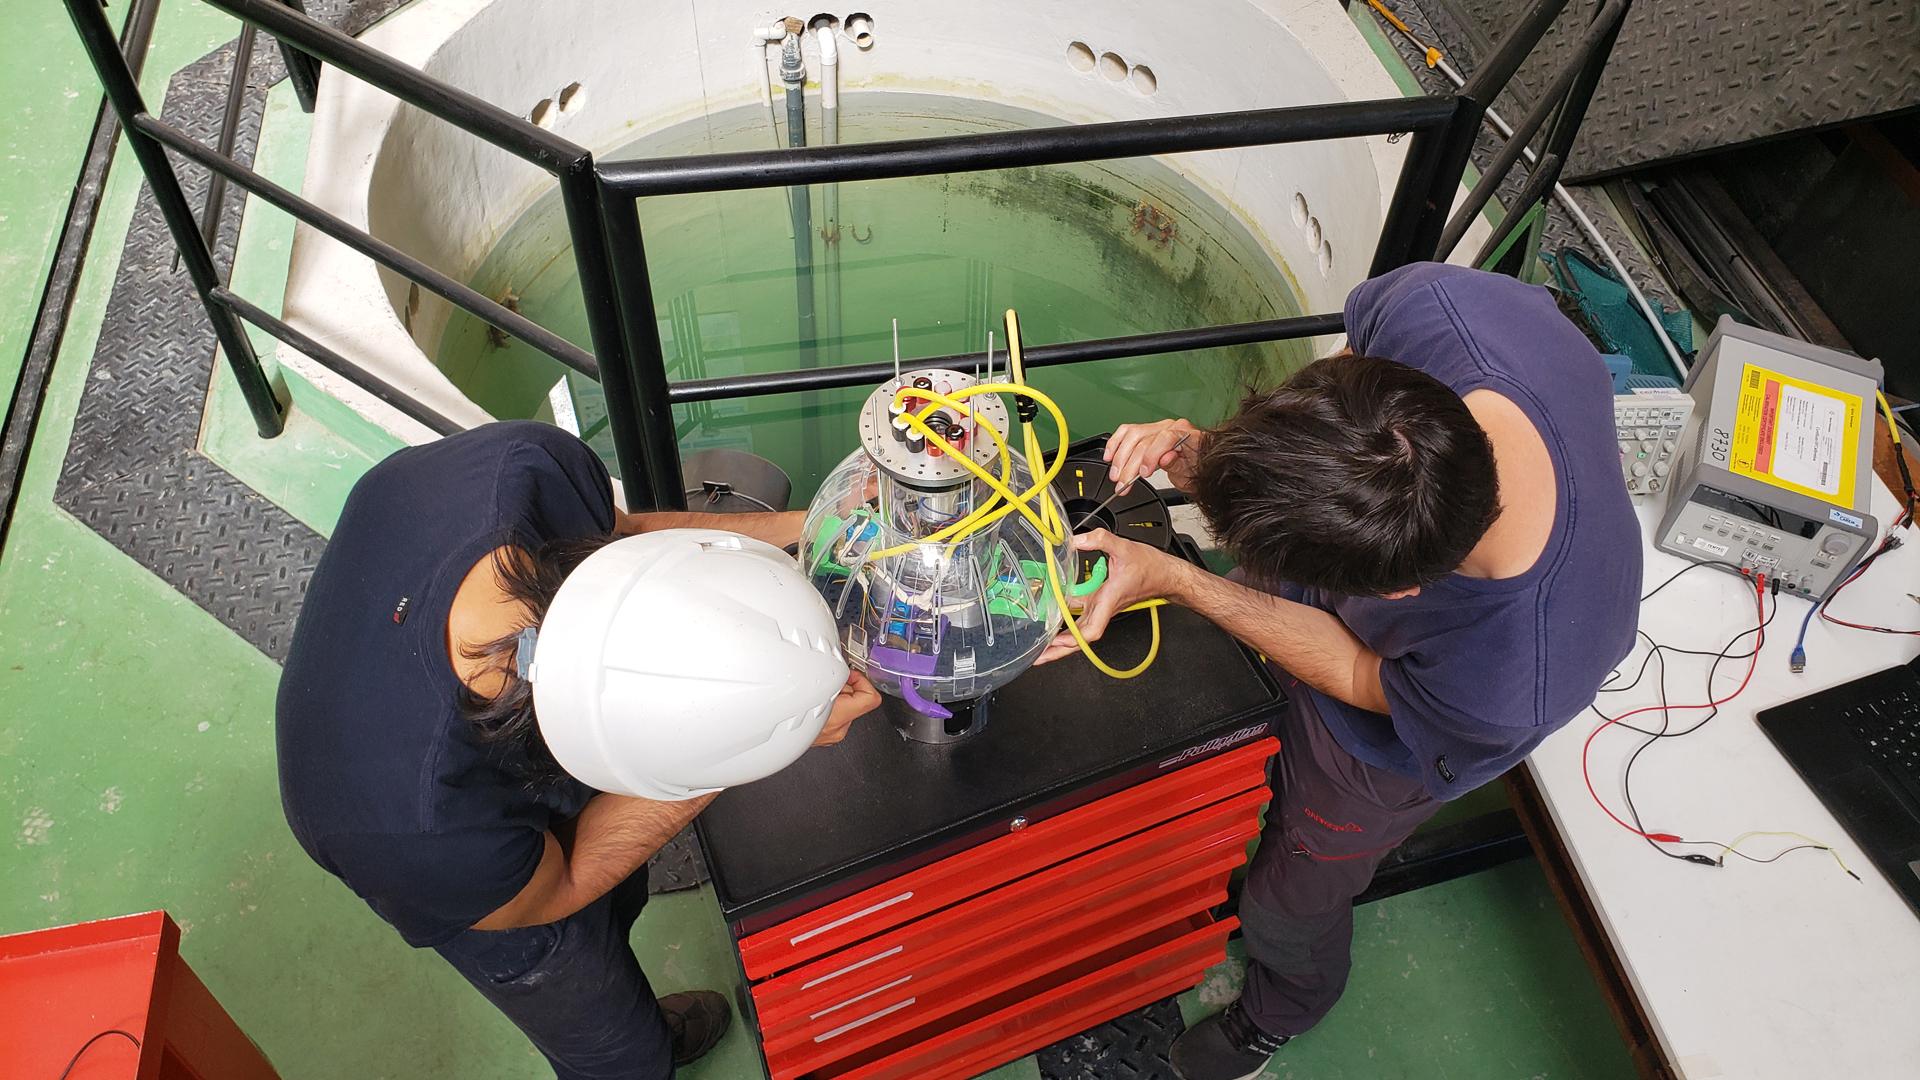 Un robot subacuático para inspeccionar centrales nucleares fue reconocido en el concurso IB50K